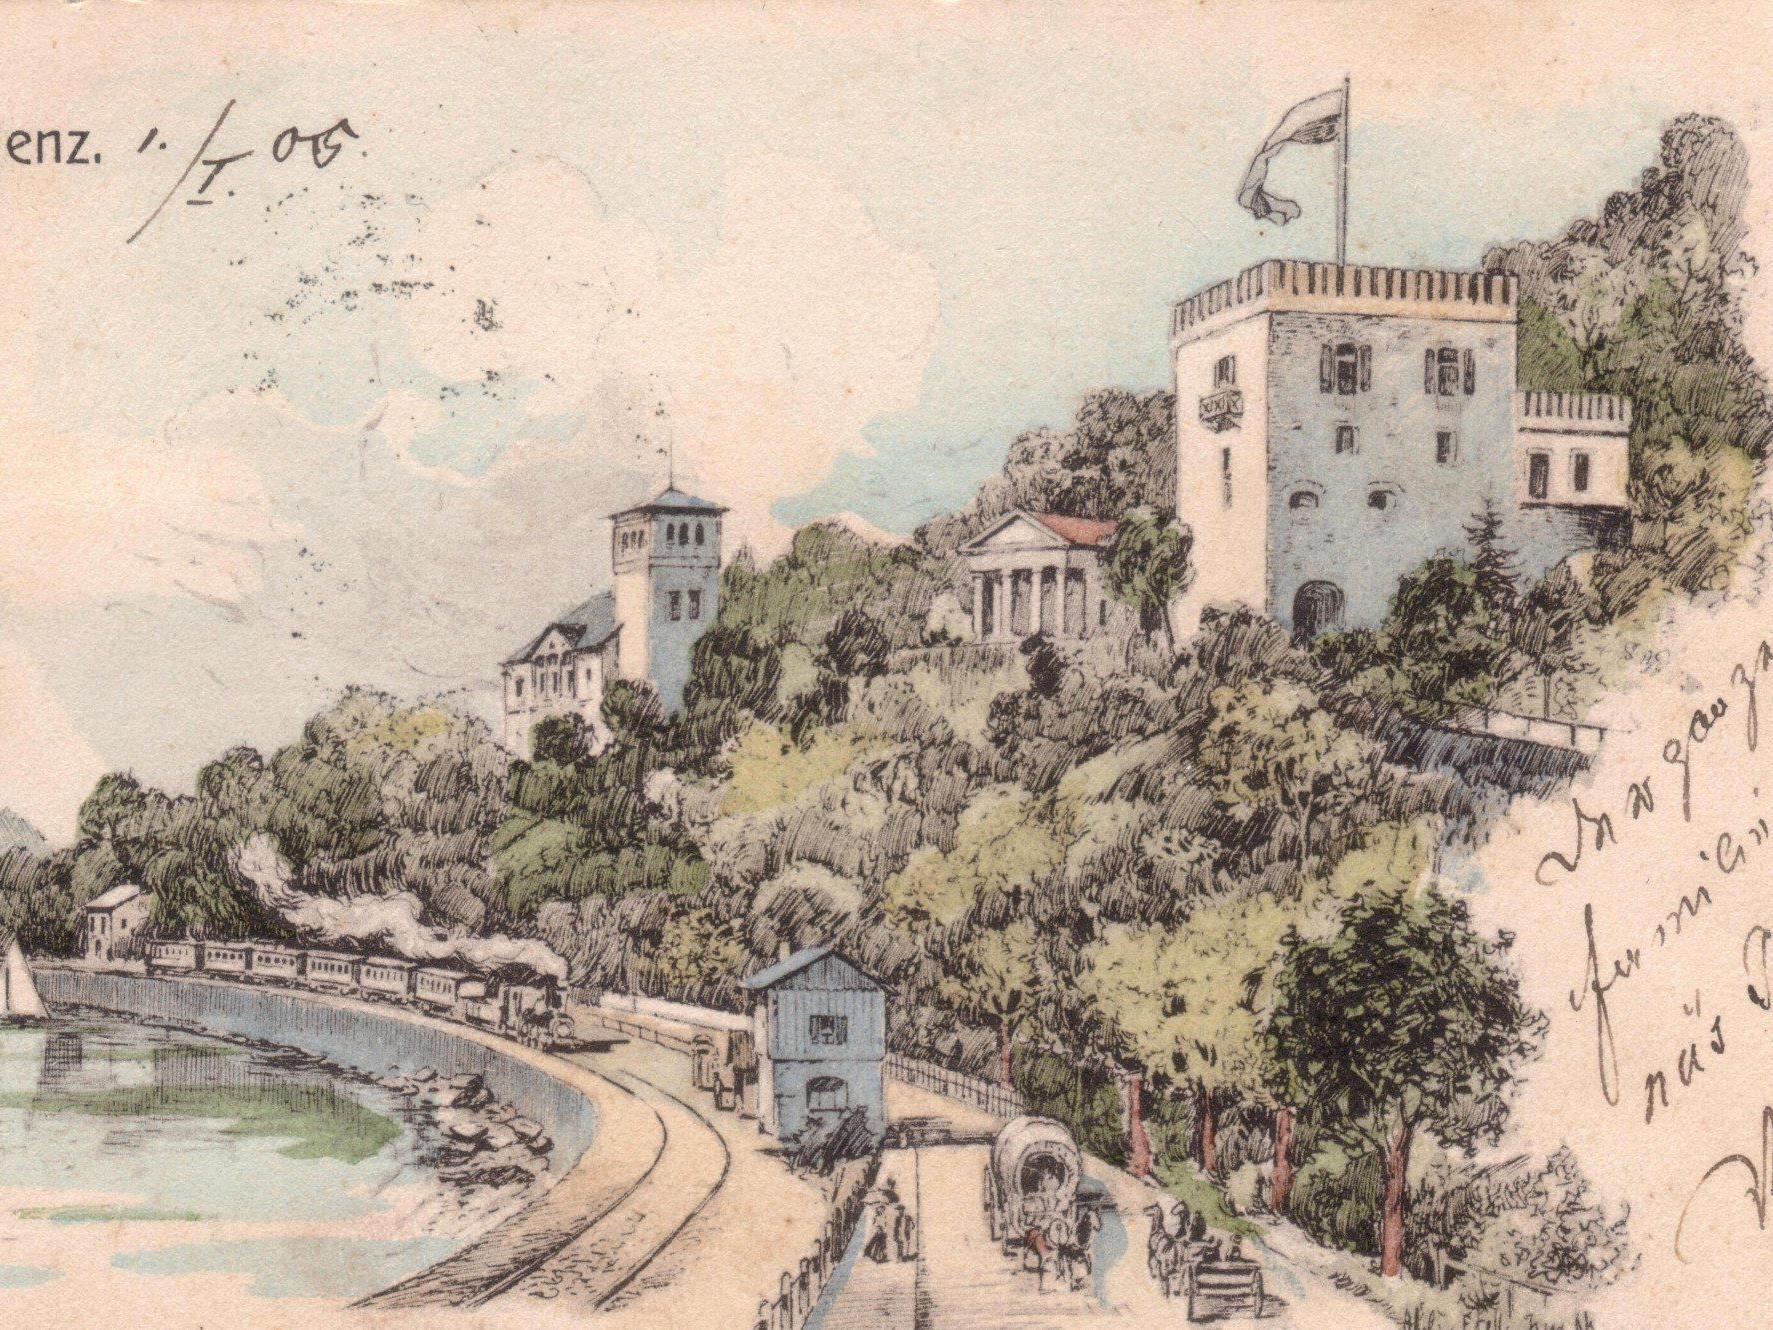 Das Bild aus dem Jahre 1905 zeigt uns die Bahntrasse entlang des Bodenseeufers an der Klause, wie sie im Jahre 1872 angelegt wurde.